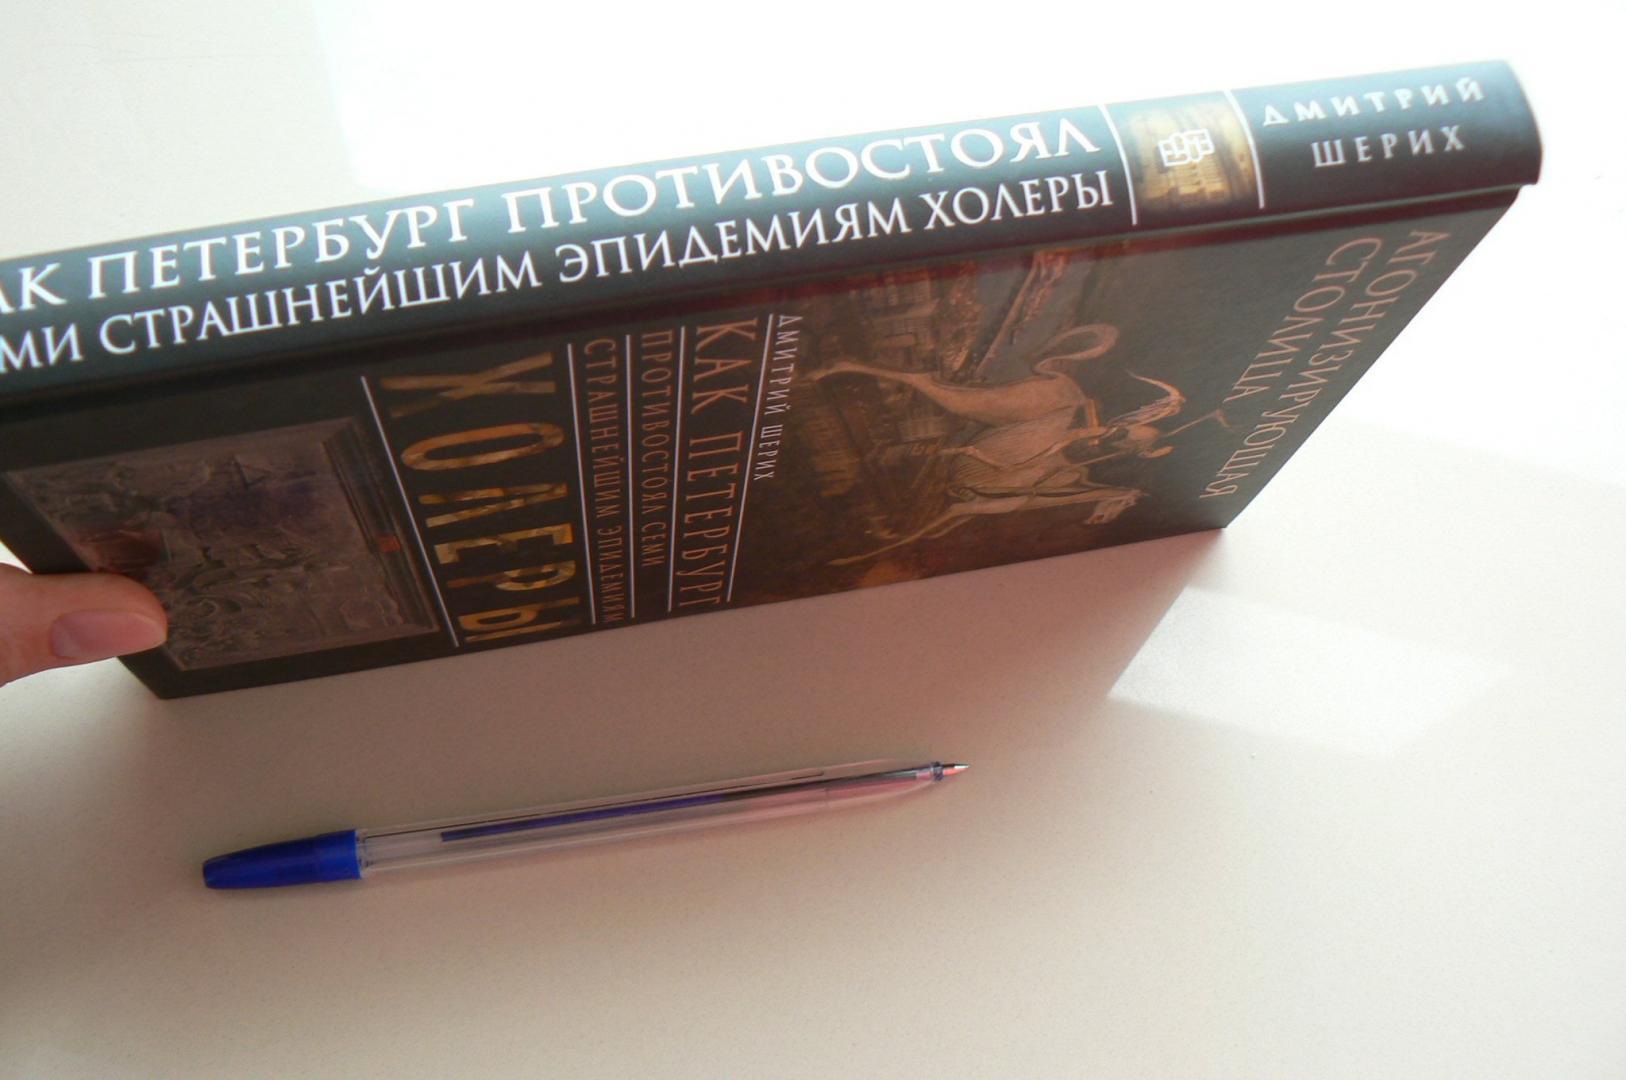 Иллюстрация 17 из 52 для Агонизирующая столица - Дмитрий Шерих | Лабиринт - книги. Источник: Марина